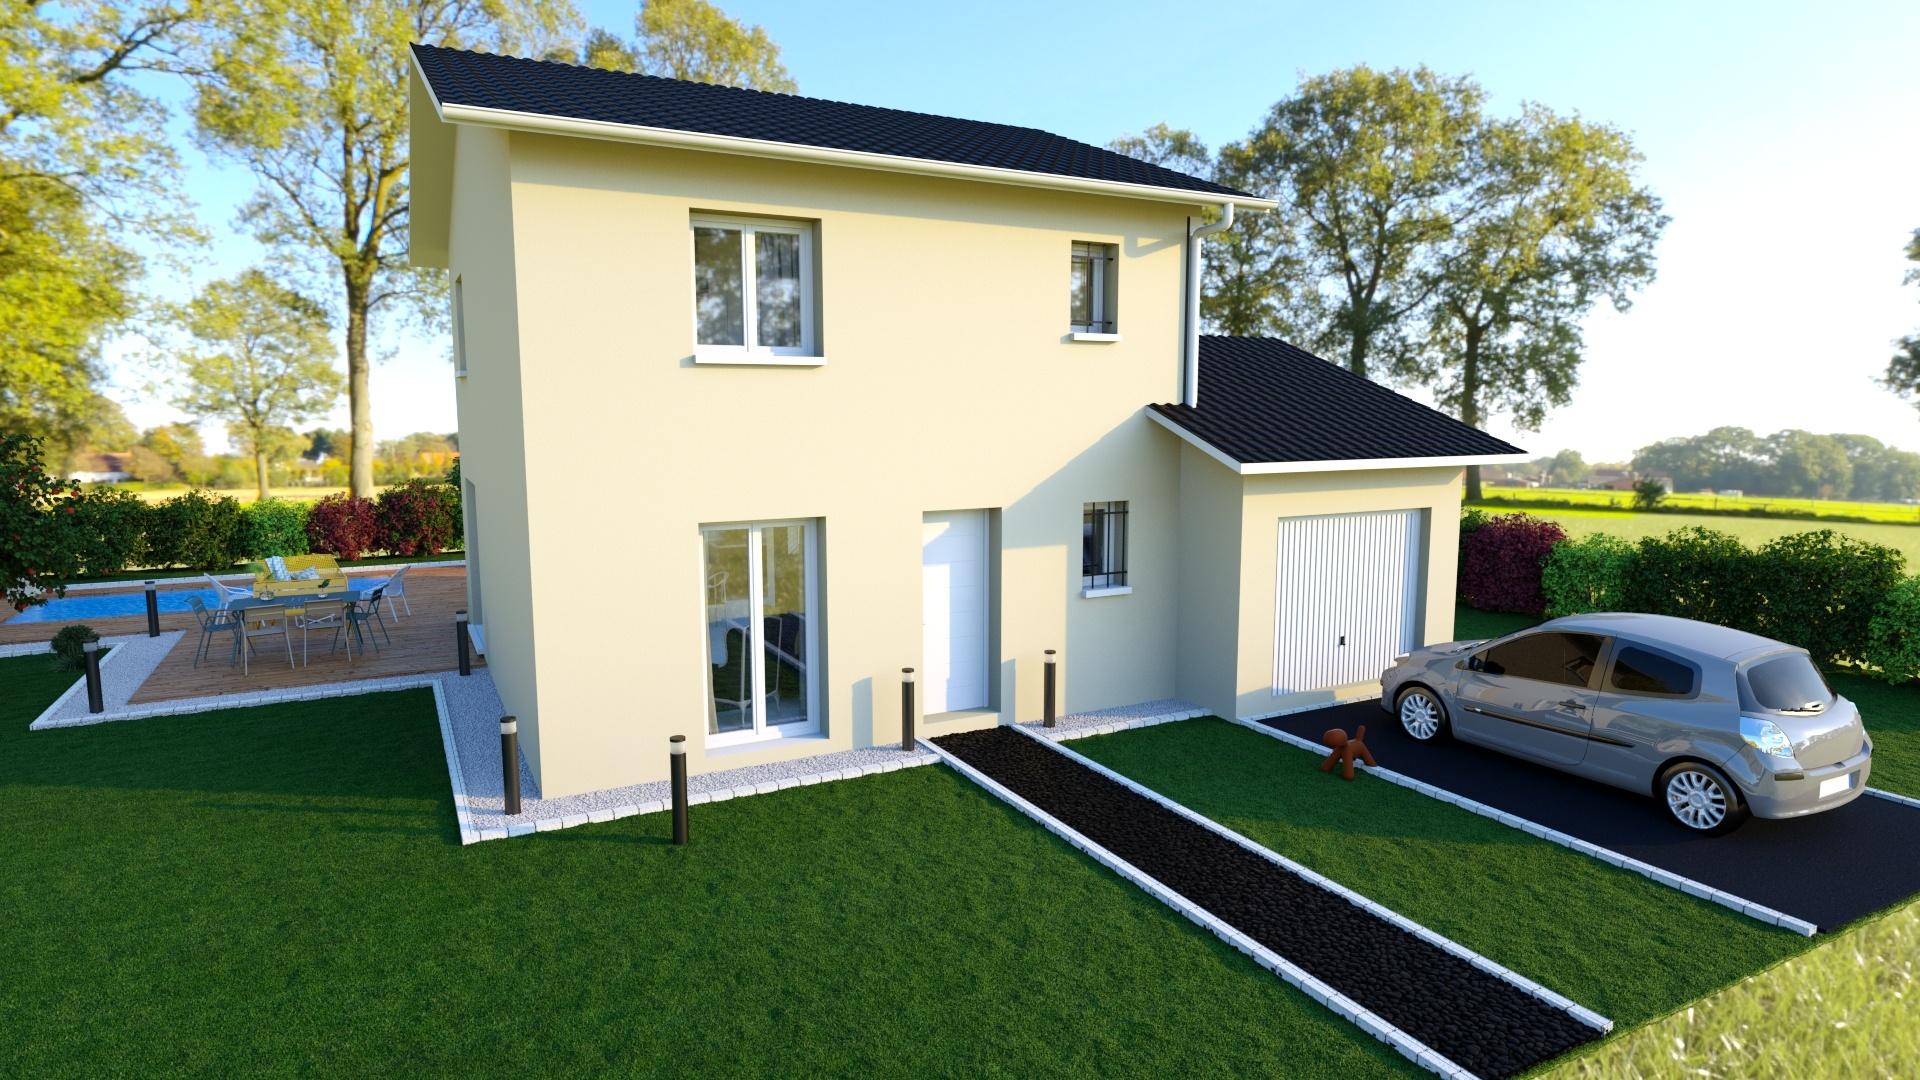 Maisons + Terrains du constructeur MAISONS AXIAL • 91 m² • LE GRAND LEMPS